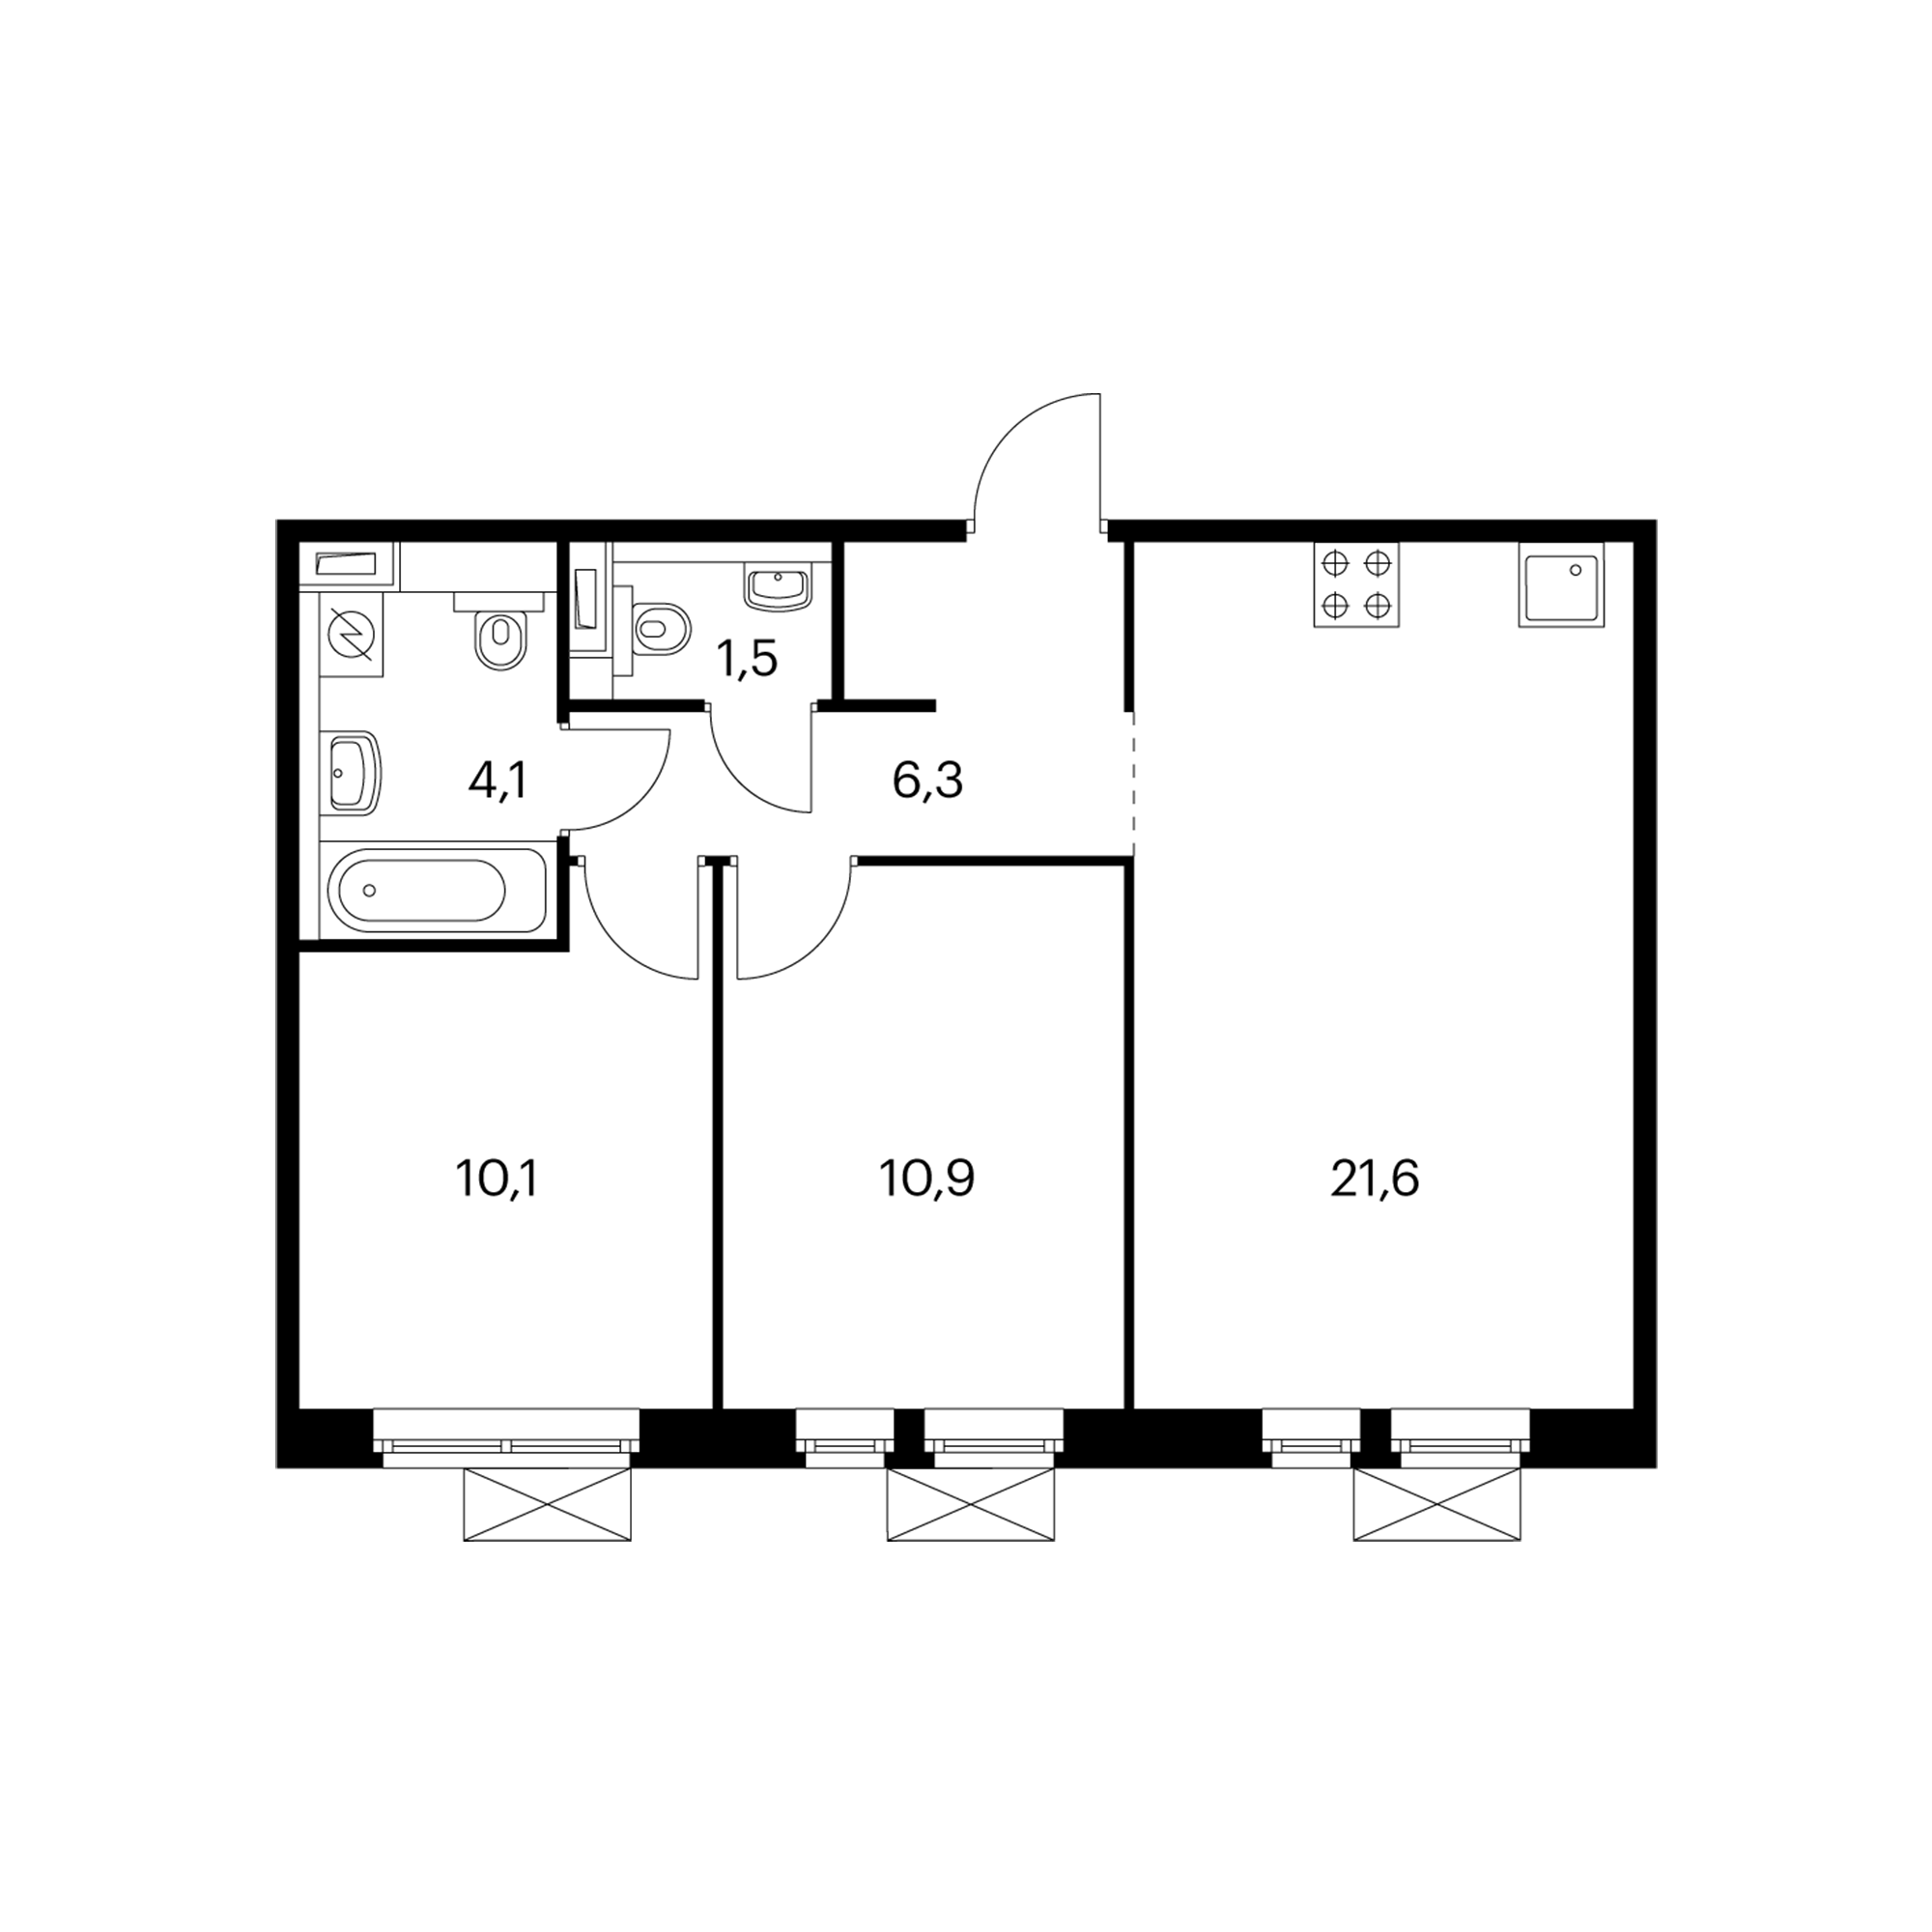 2ES9_9.6-1_S_A